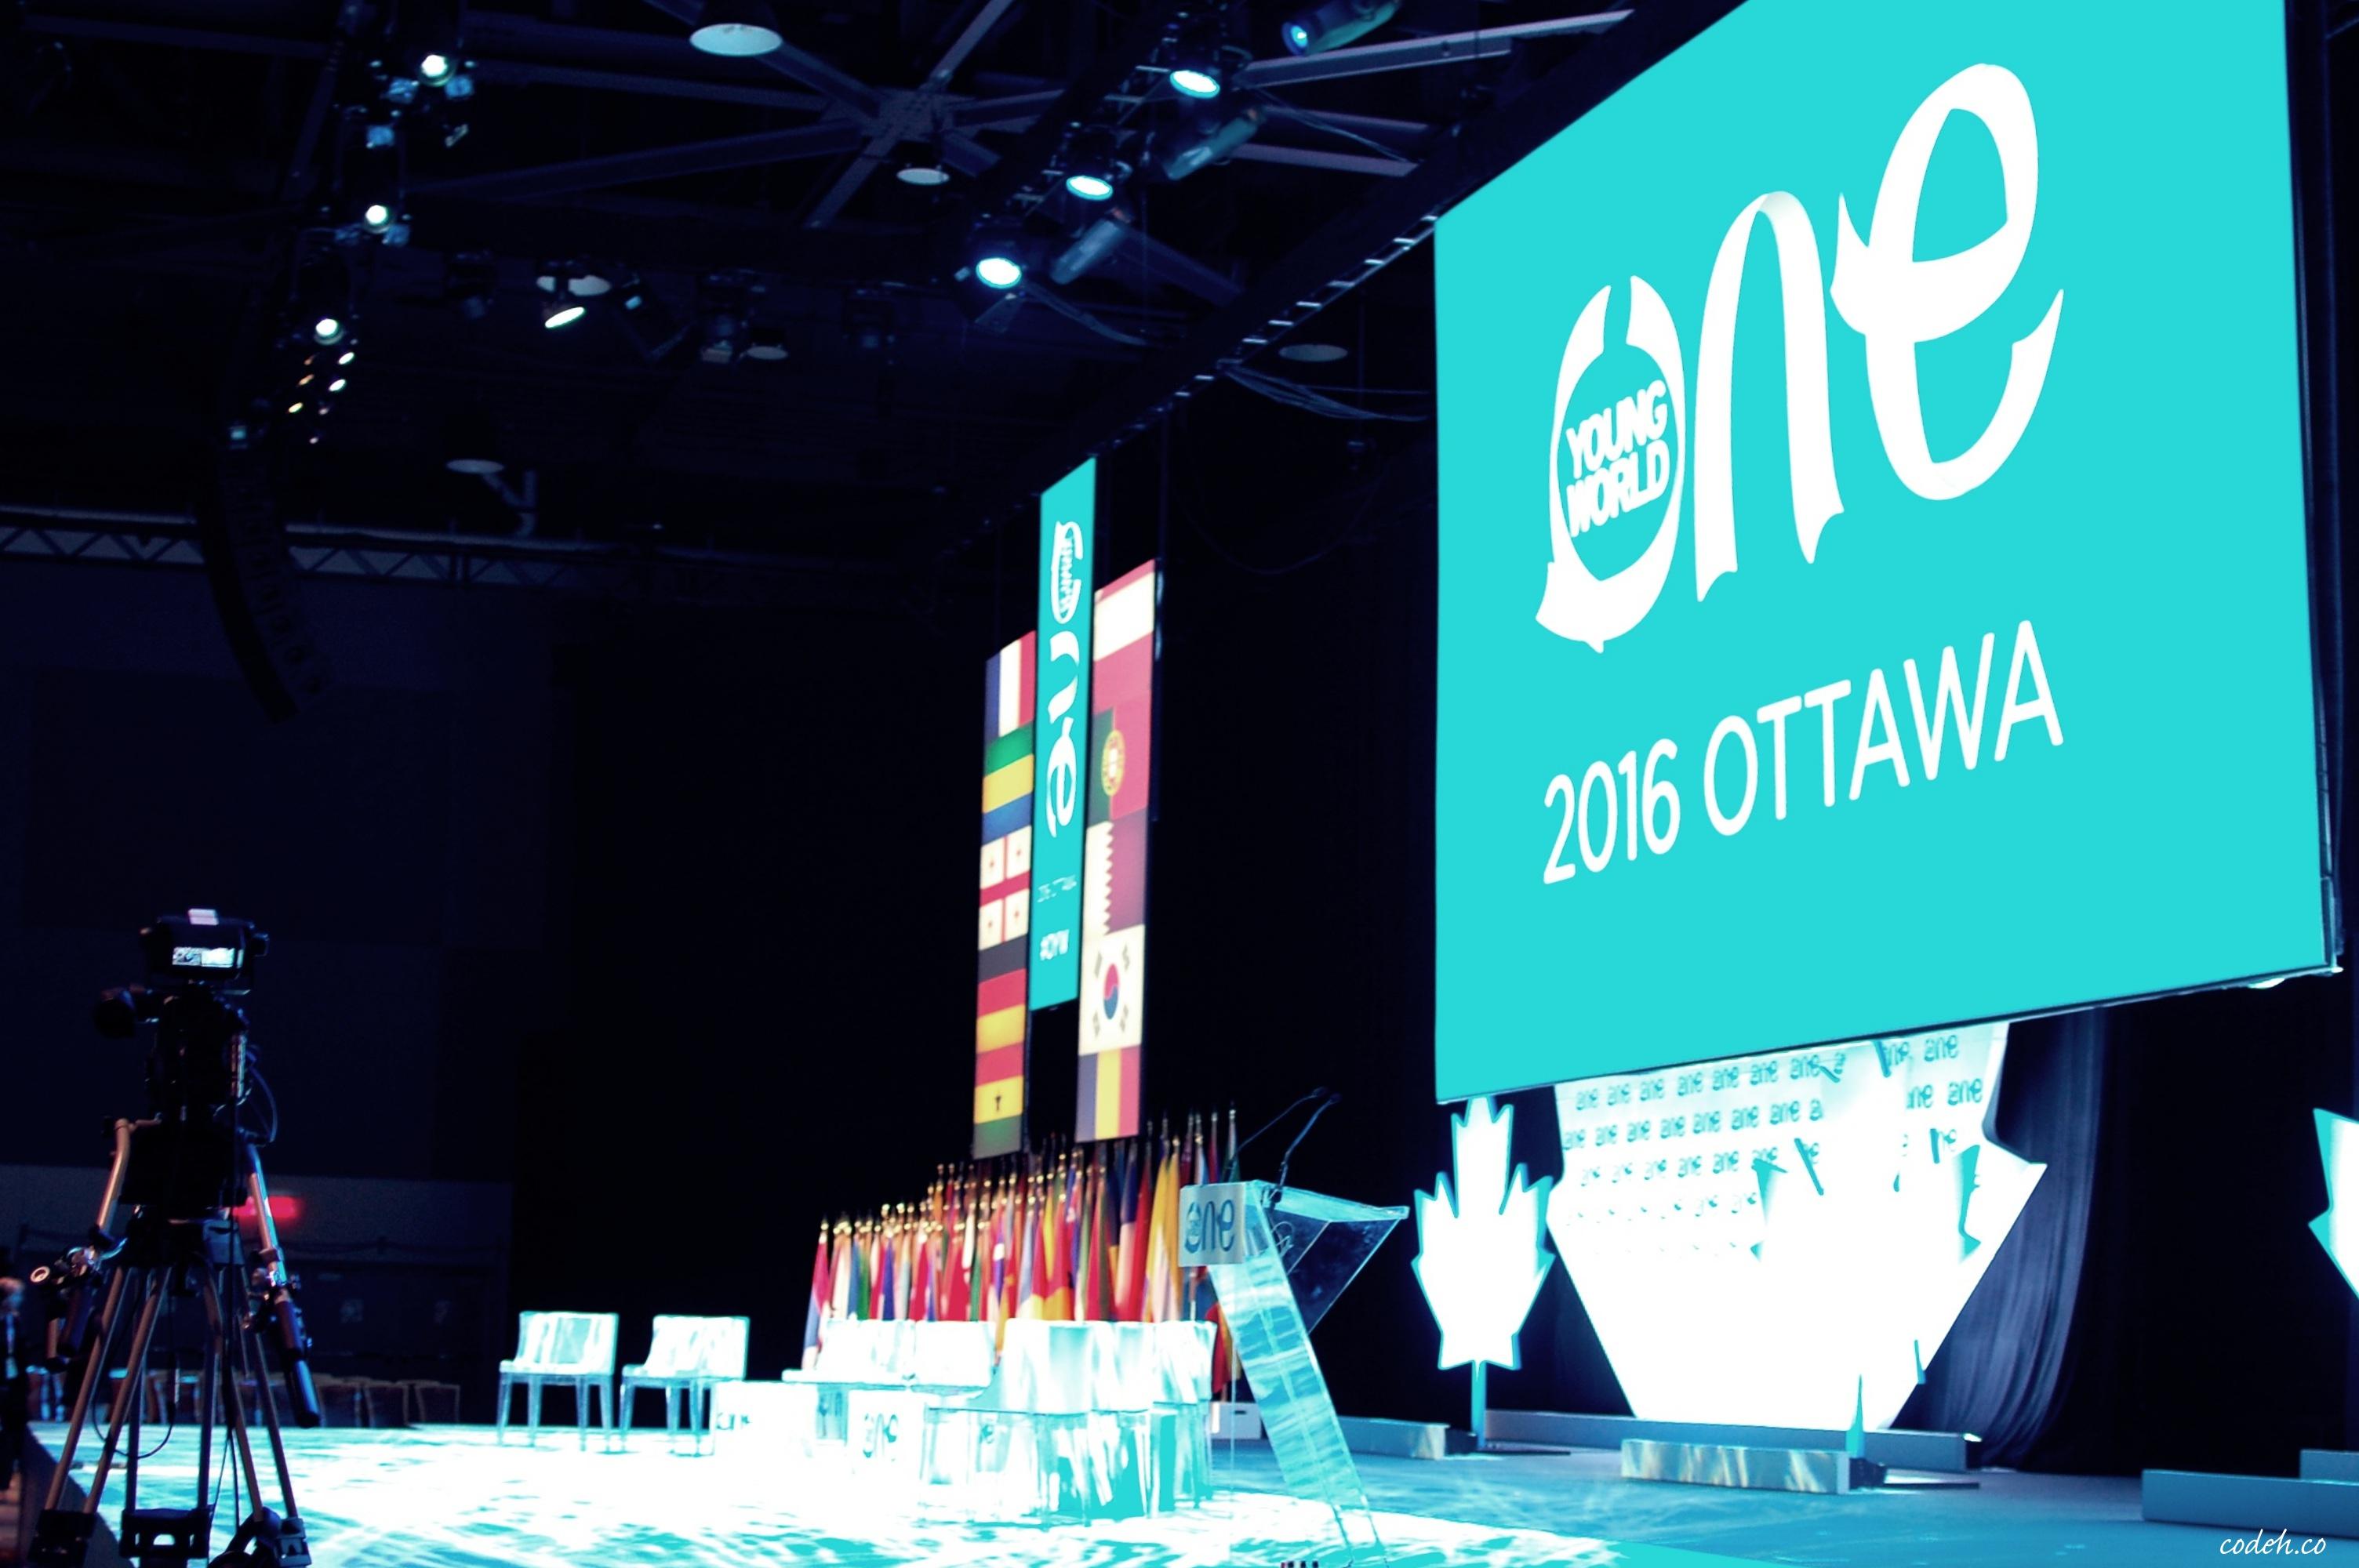 OYW_Ottawa_2016